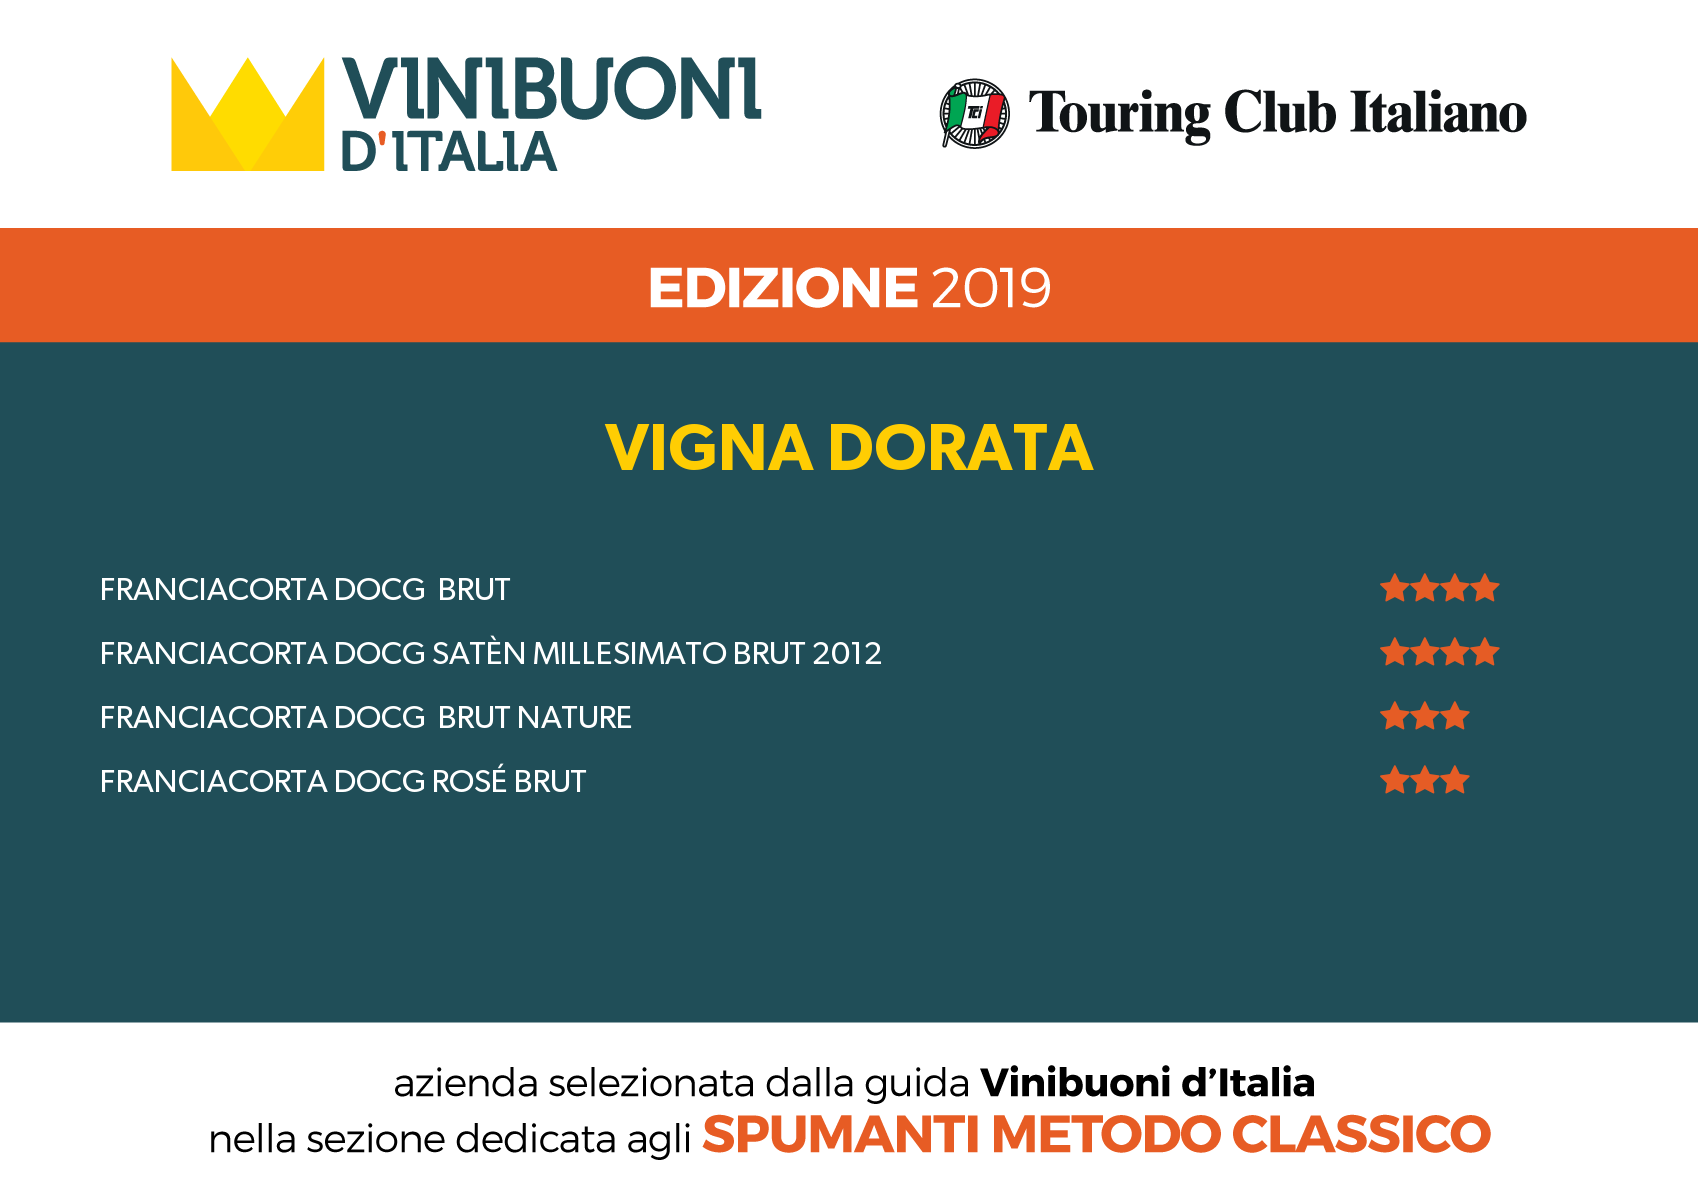 recensioni-vinibuoni-11452